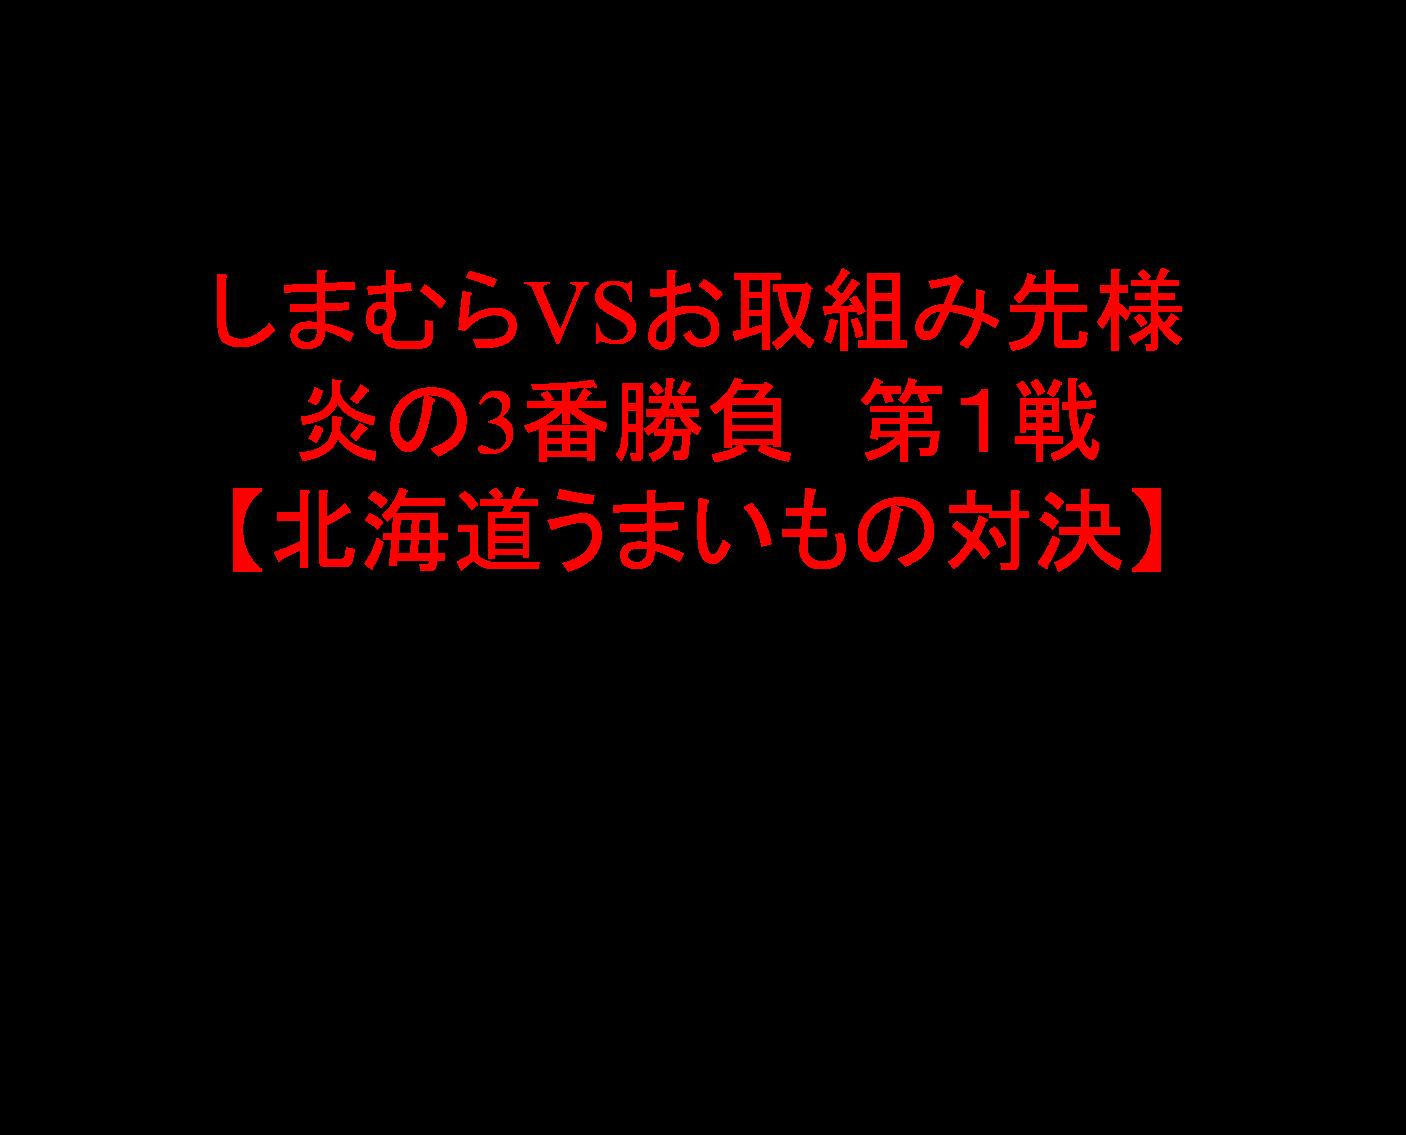 やる気と感動の祭典 東京FINAL 発表者発表 その3_f0070004_12584106.png